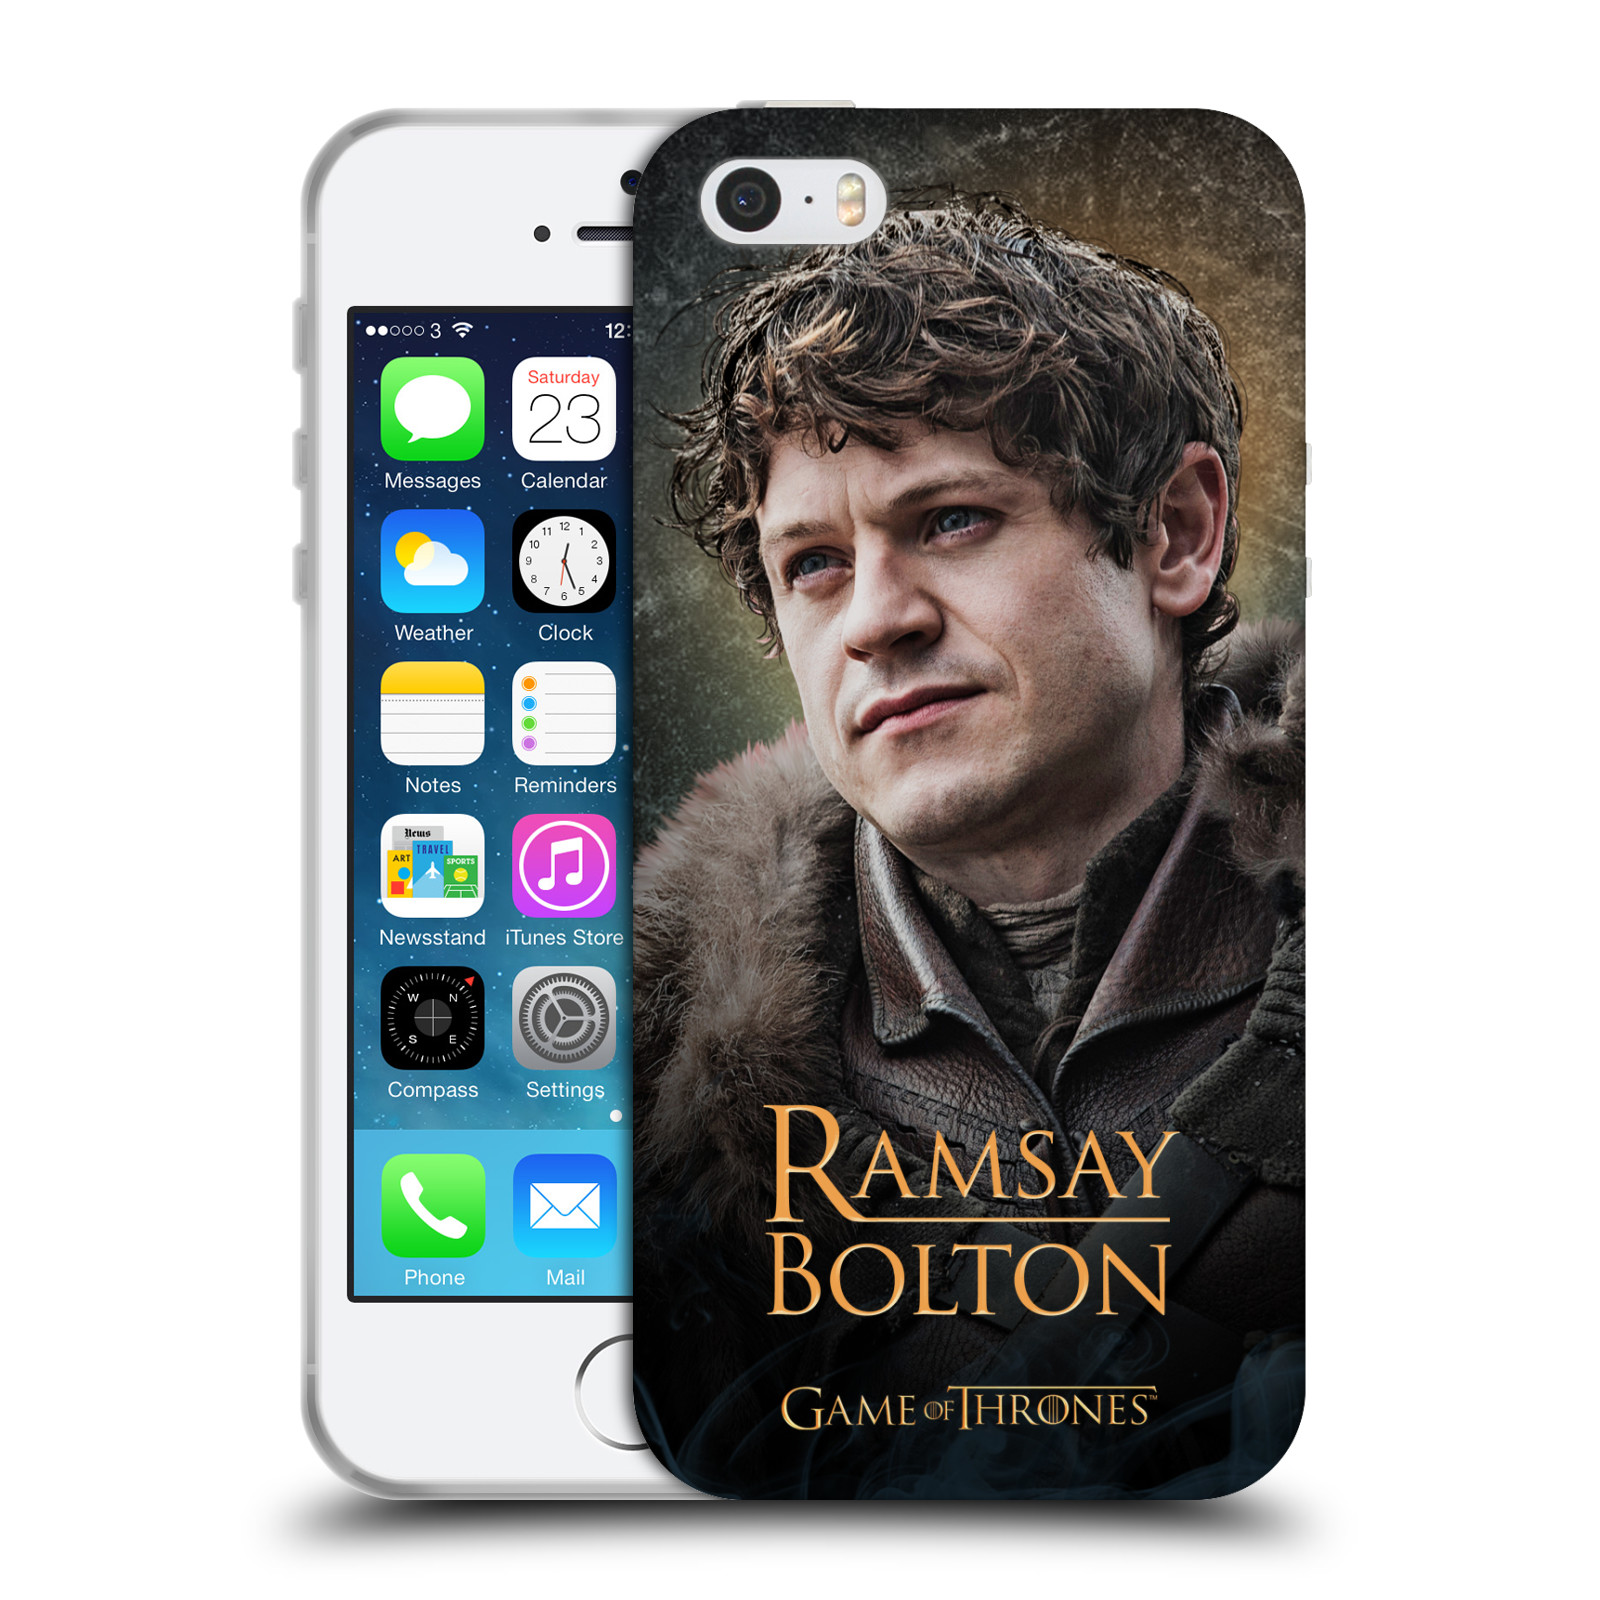 Silikonové pouzdro na mobil Apple iPhone 5, 5S, SE - Head Case - Hra o trůny - Ramsay Bolton